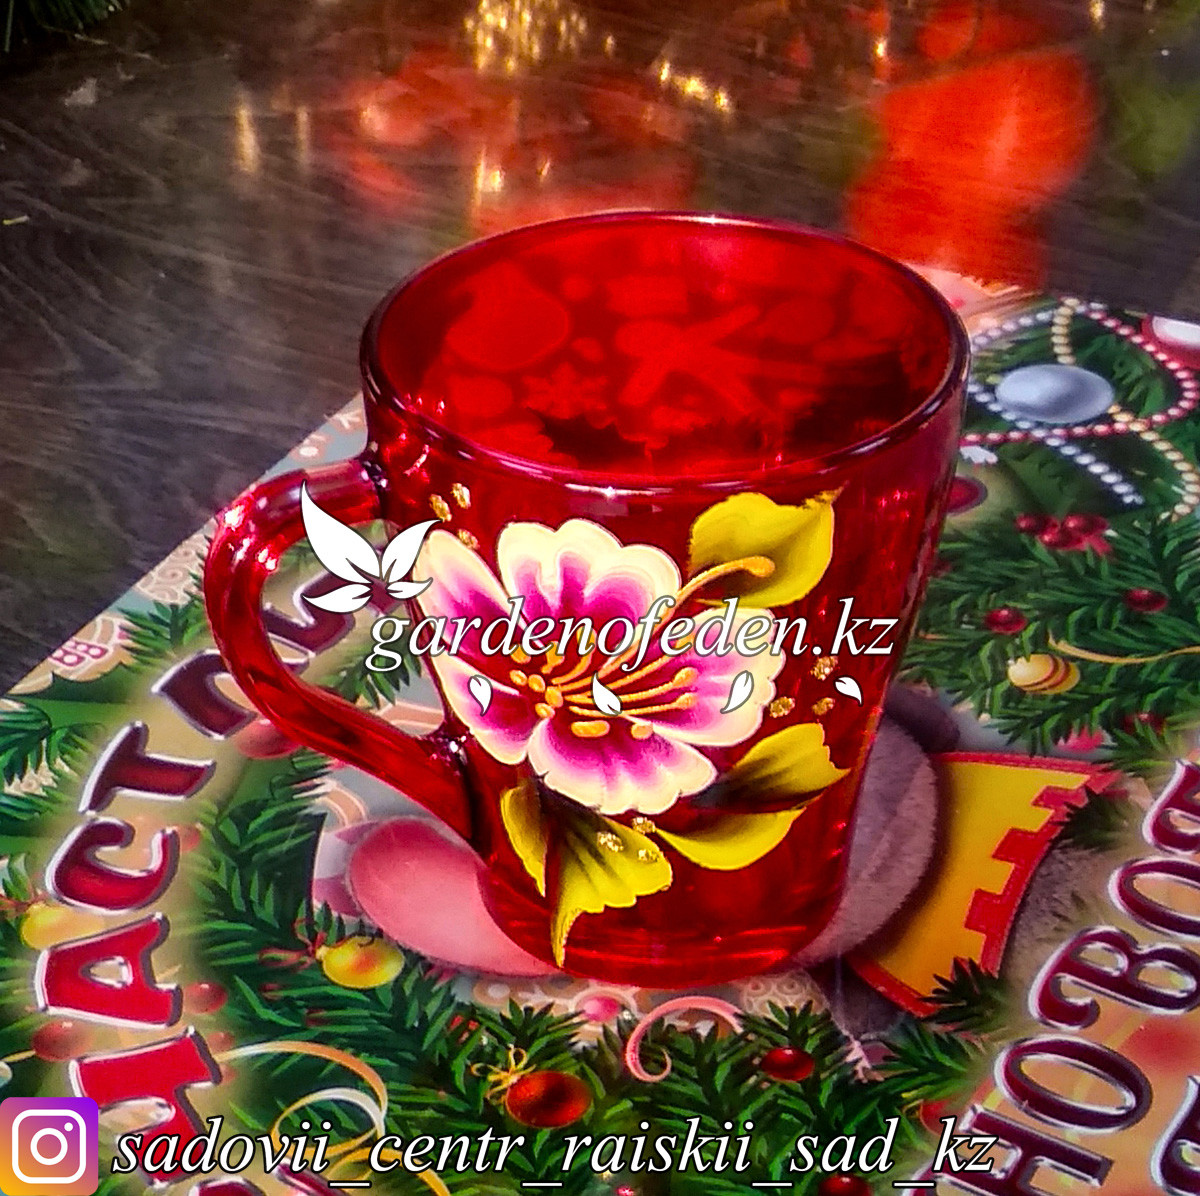 Кружки из цветного стекла с декором. Картонная упаковка. Цвет: Красный. Набор: 6 штук.